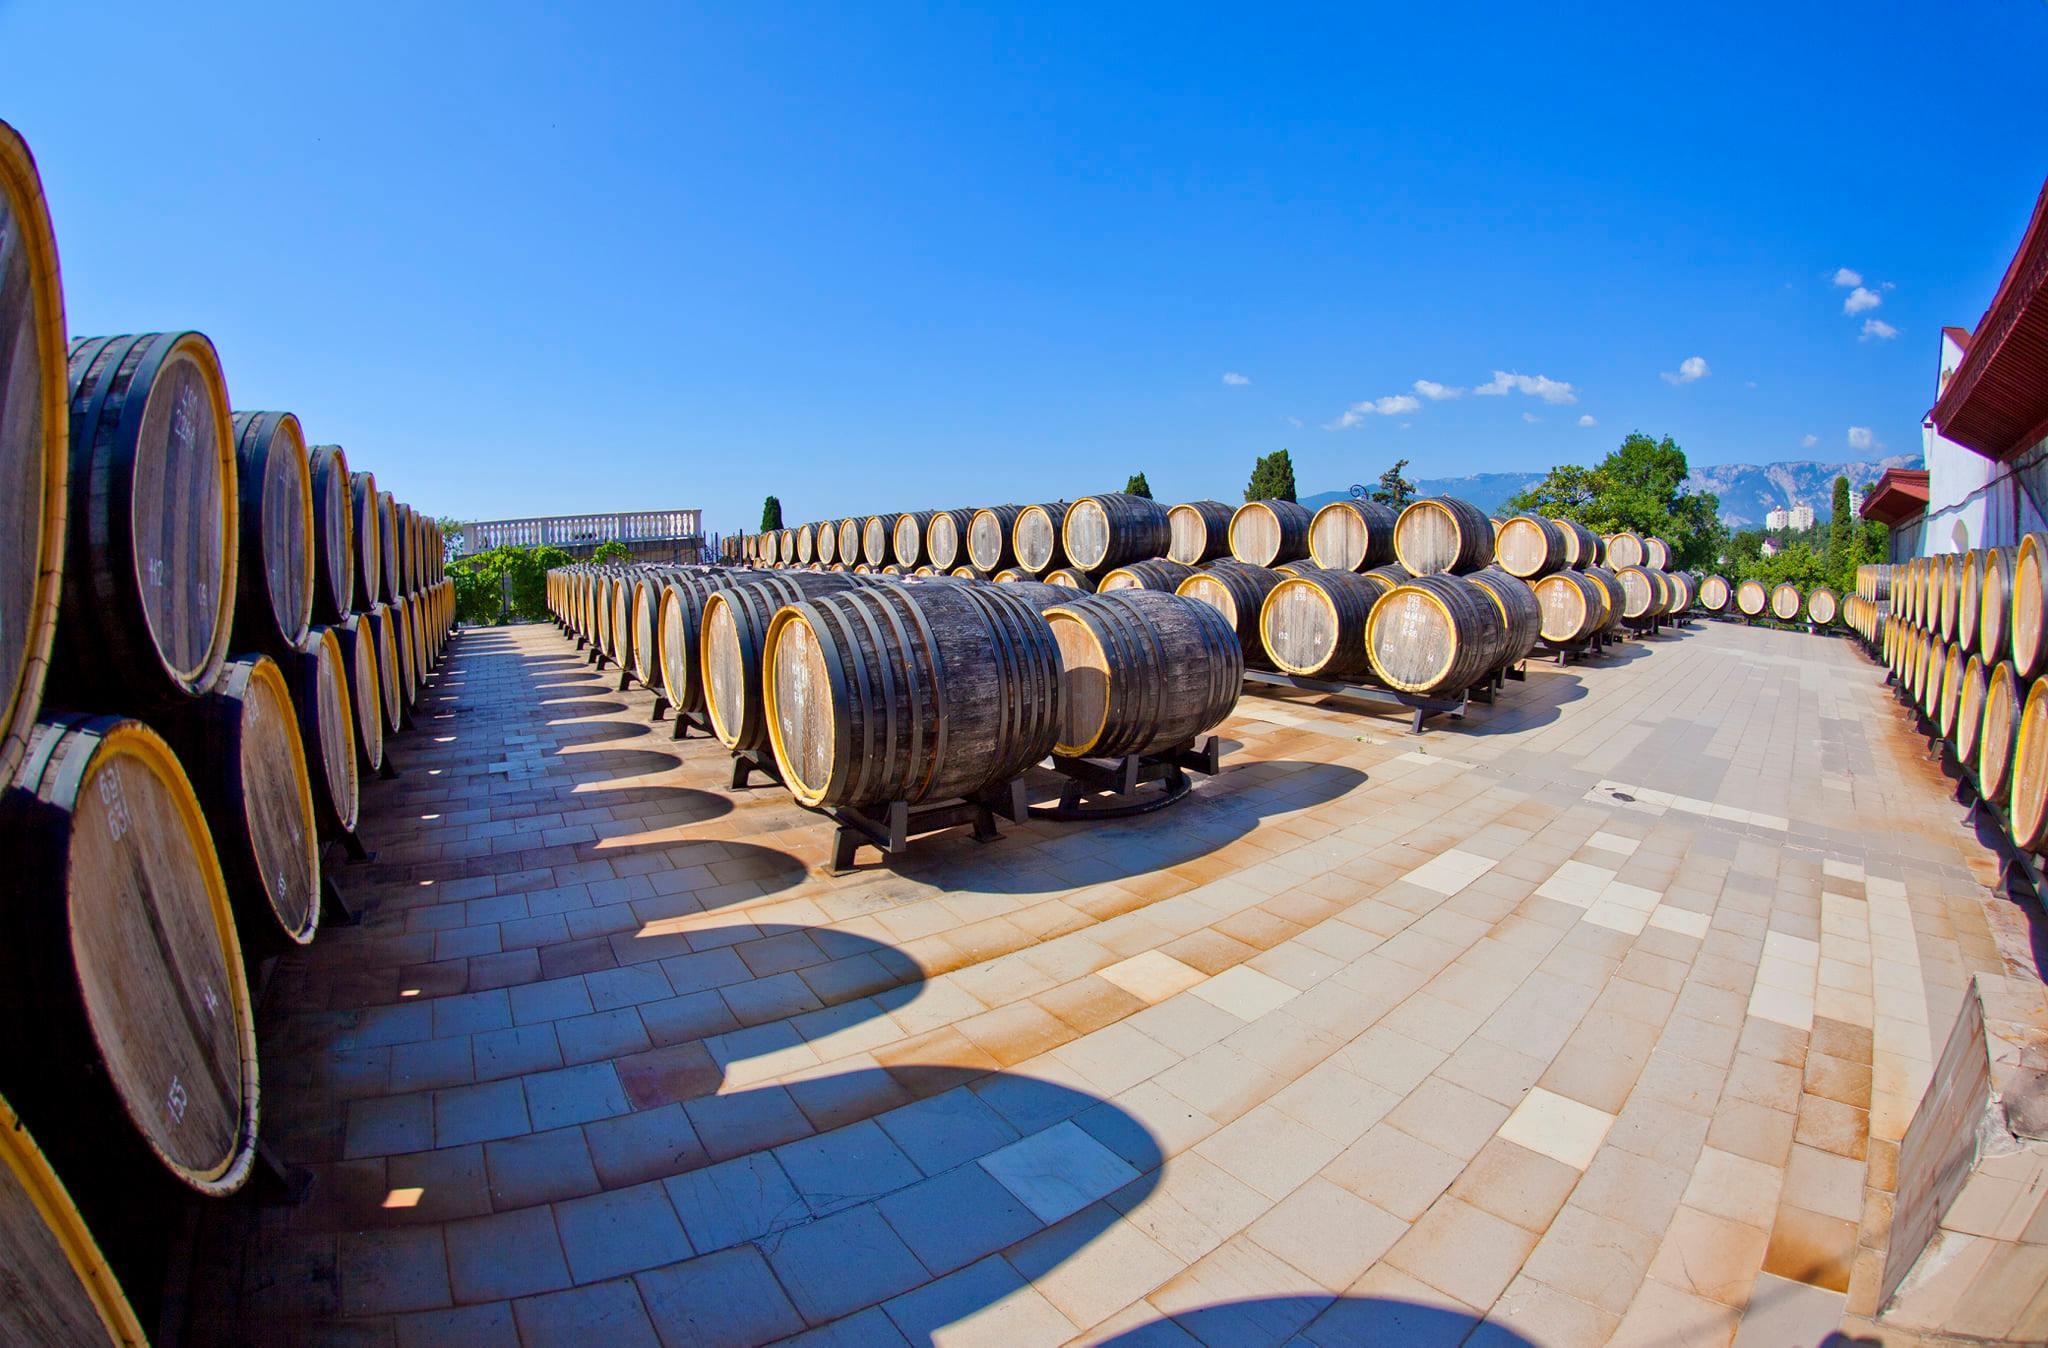 В Крыму объём экспорта продукции агропромышленного комплекса с начала года составил 1,5 млн долларов США